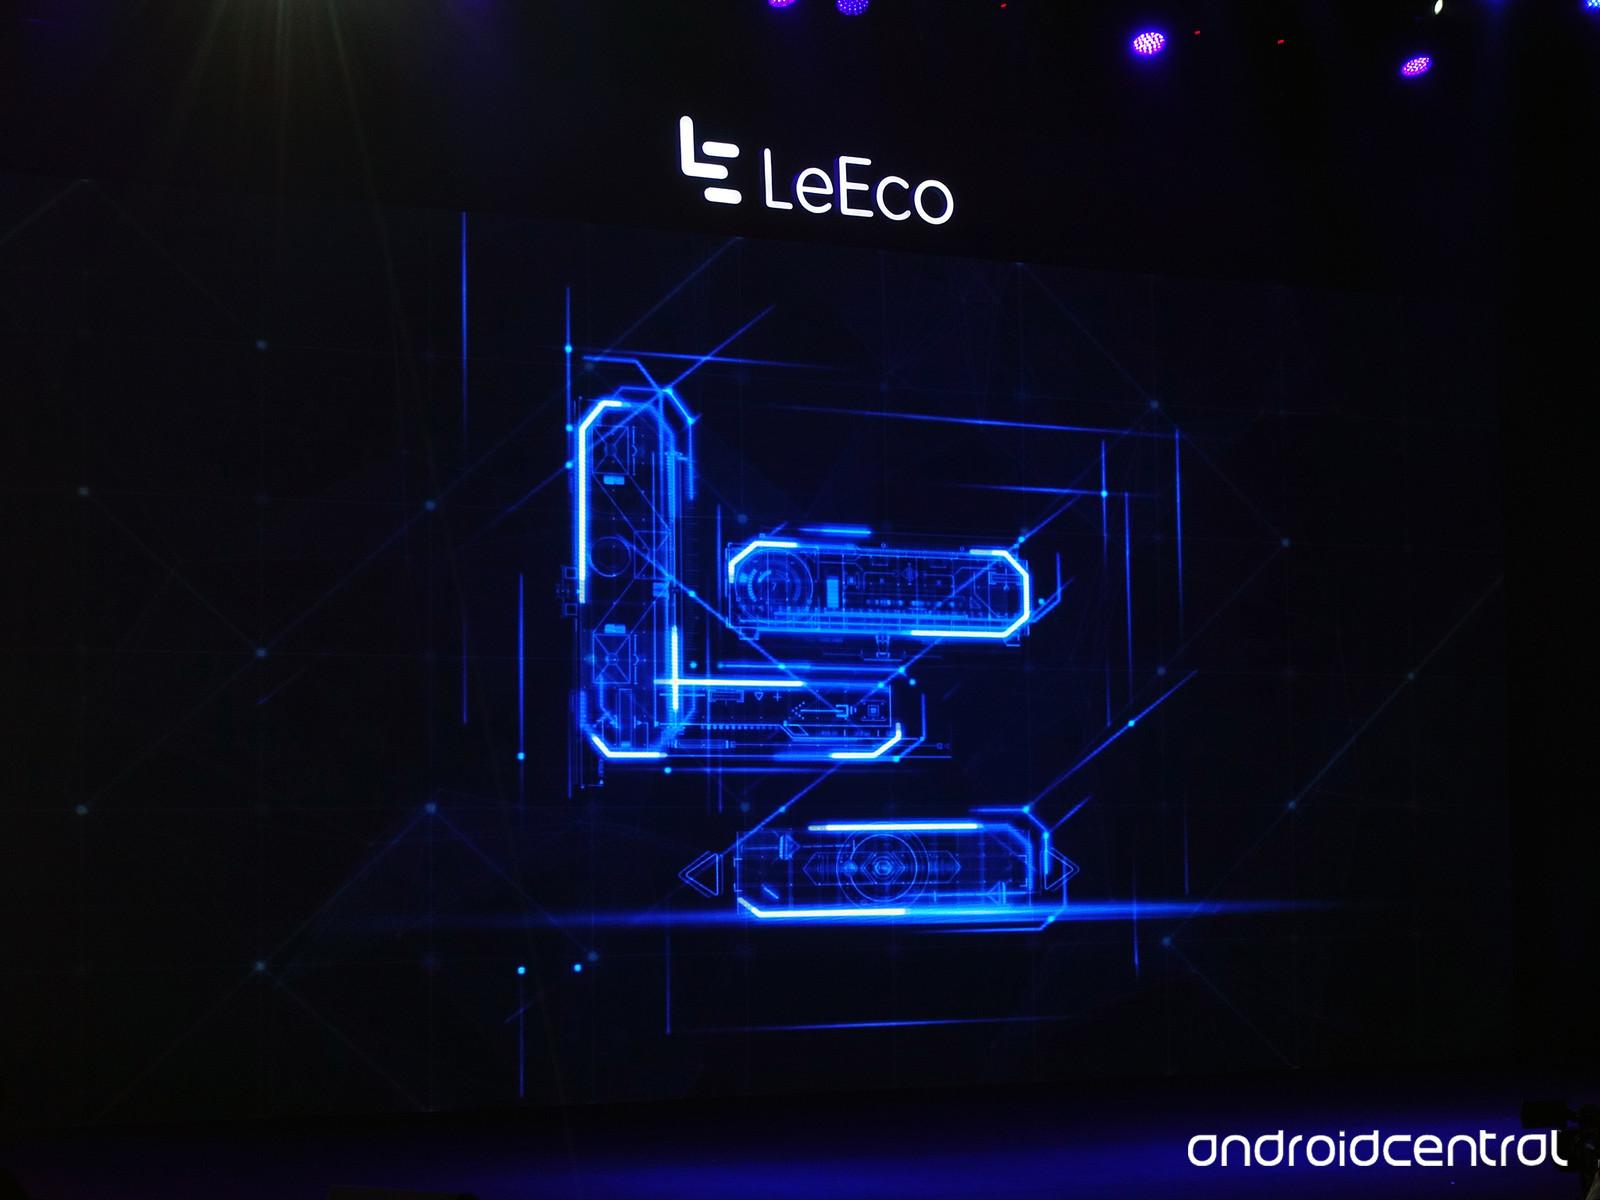 گوشی LeEco Le X850 : بازهم قدرتمندی از کشور چین